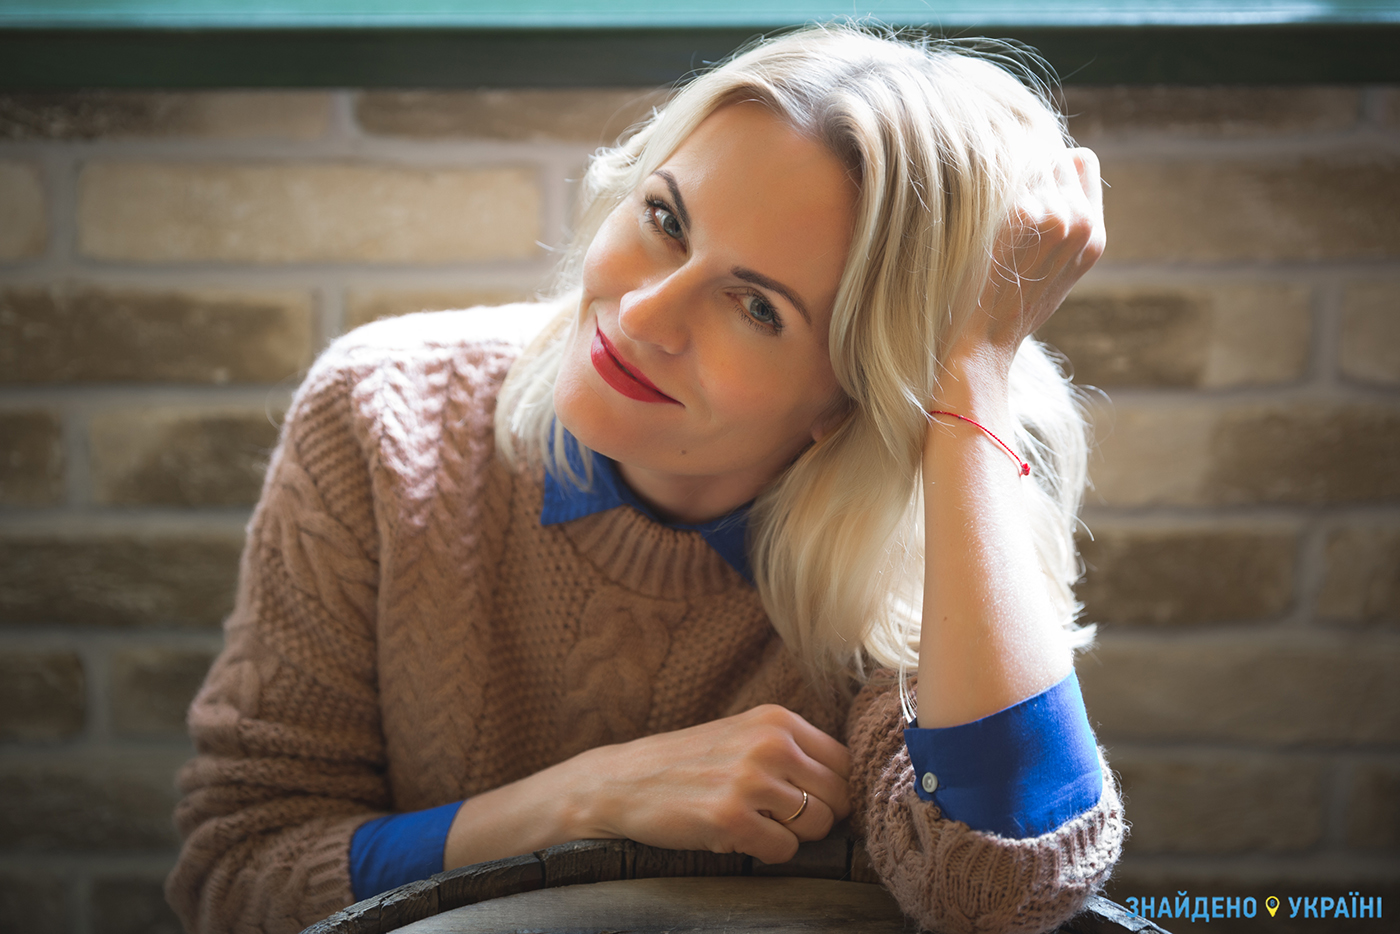 Лала Тарапакина: «Украину чувствую, люблю и восхищаюсь»